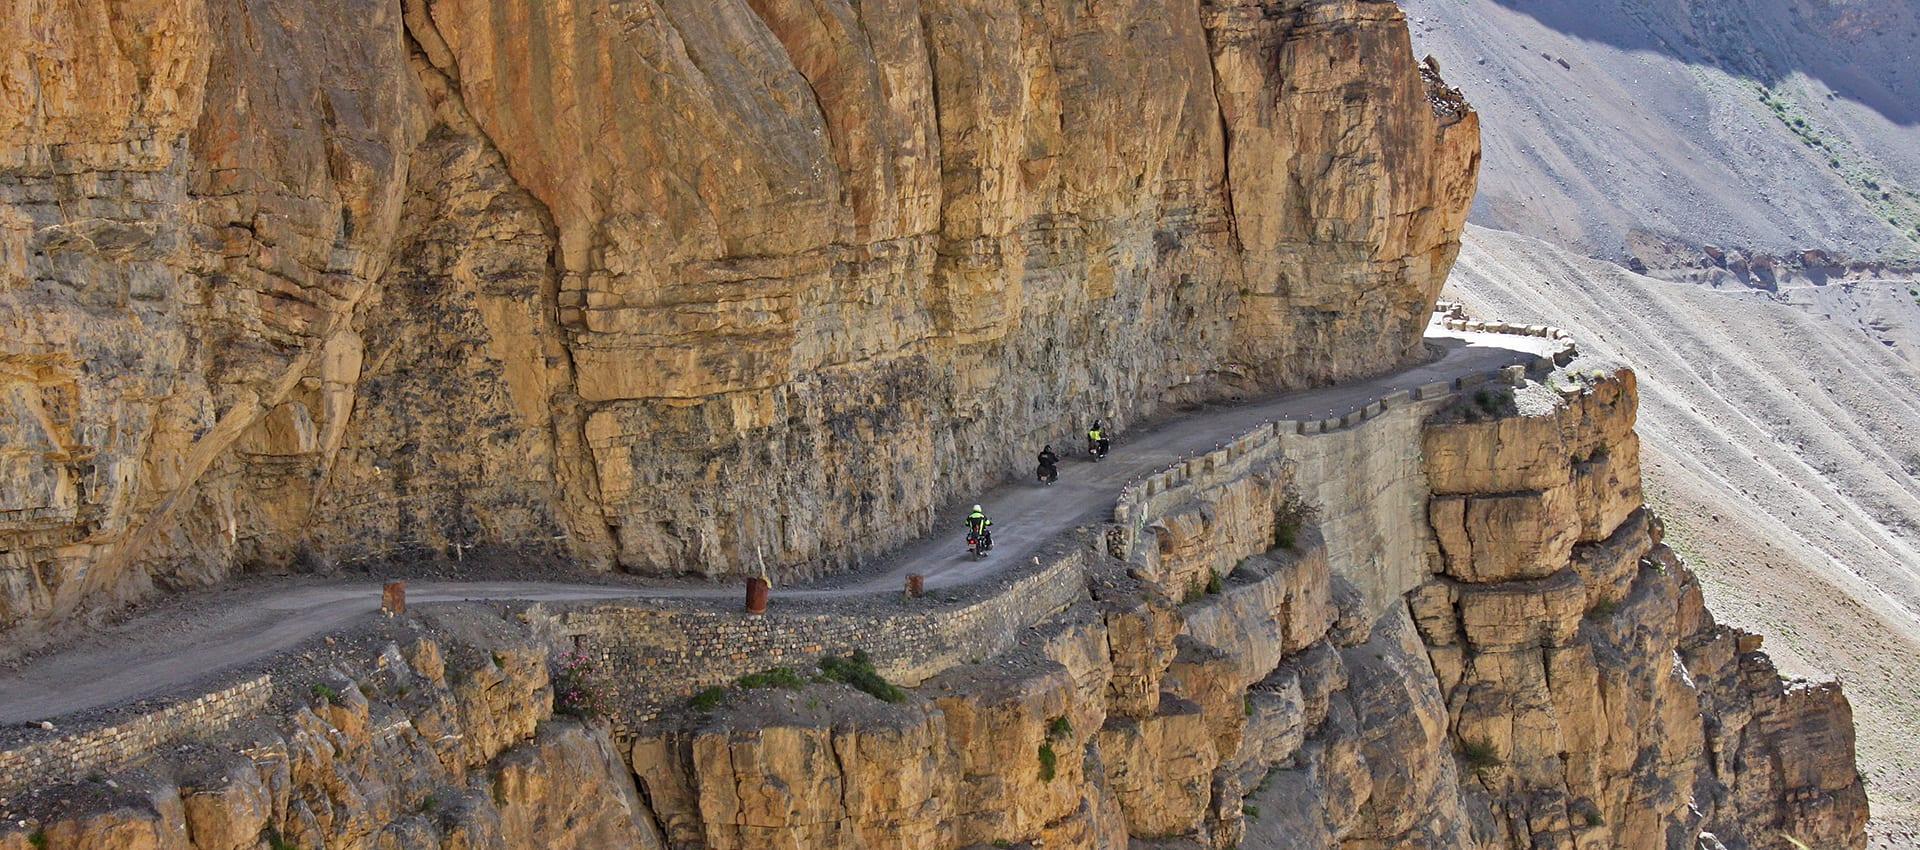 Himalaya Motor Challenge, avontuurlijke motorreis dwars door de Himalaya naar de Khardung La